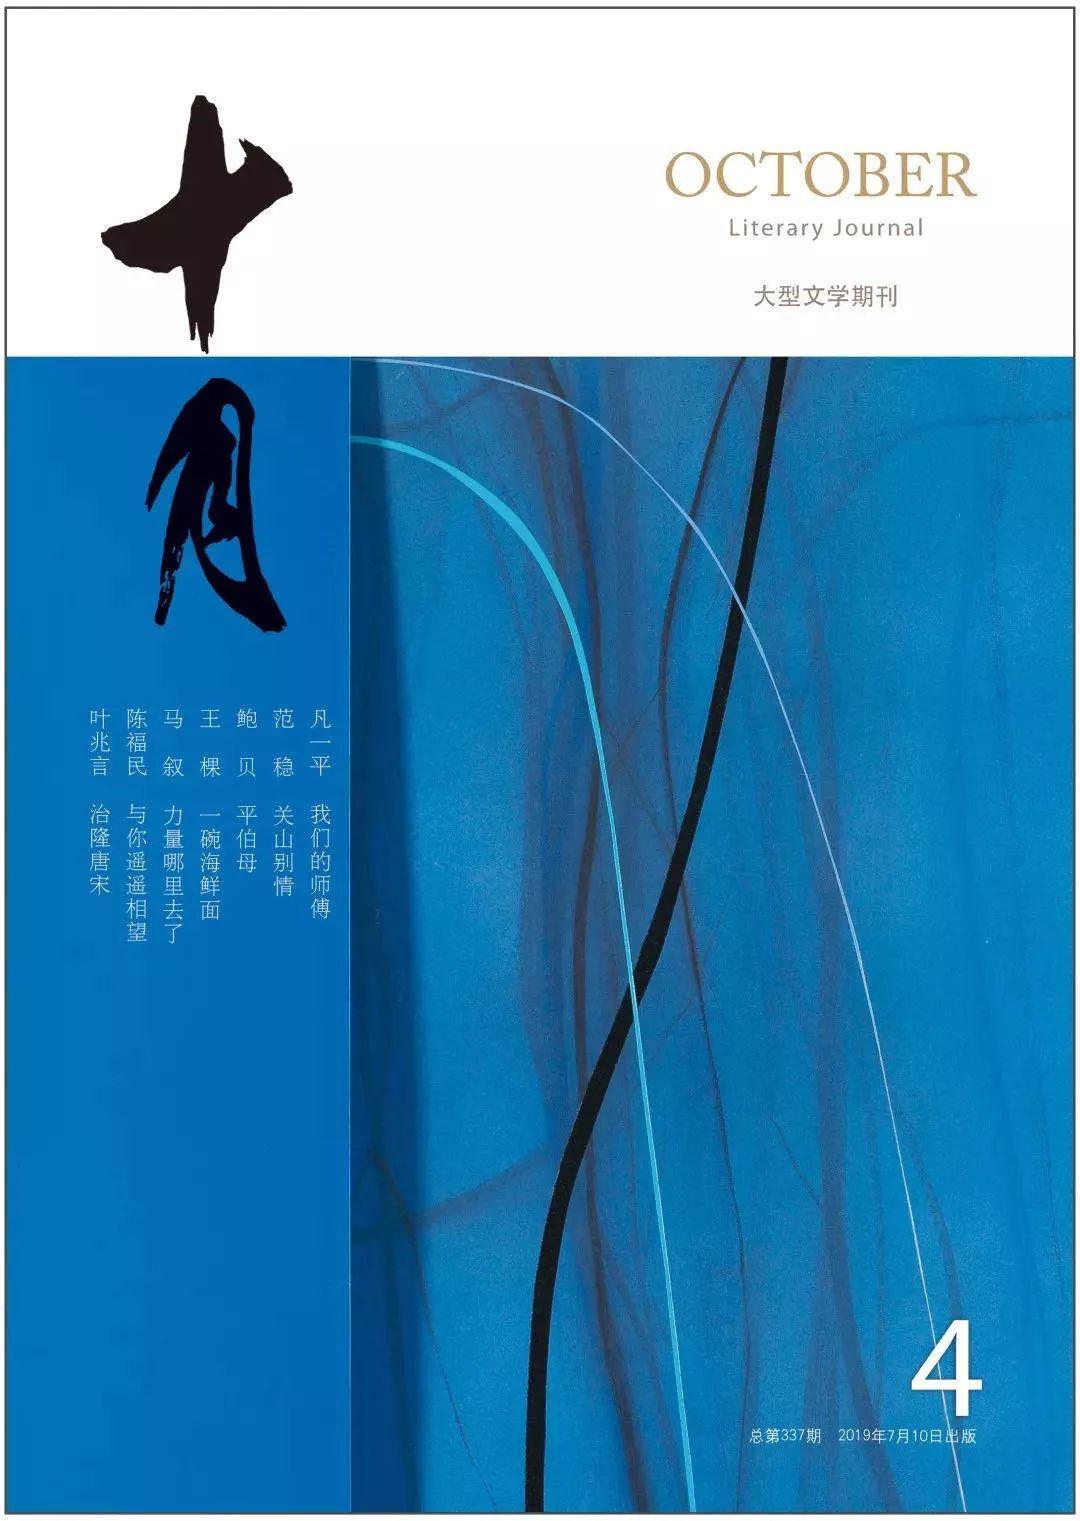 2019文学类网站排行榜_连尚读书春节高增长,稳居iOS排行榜前三